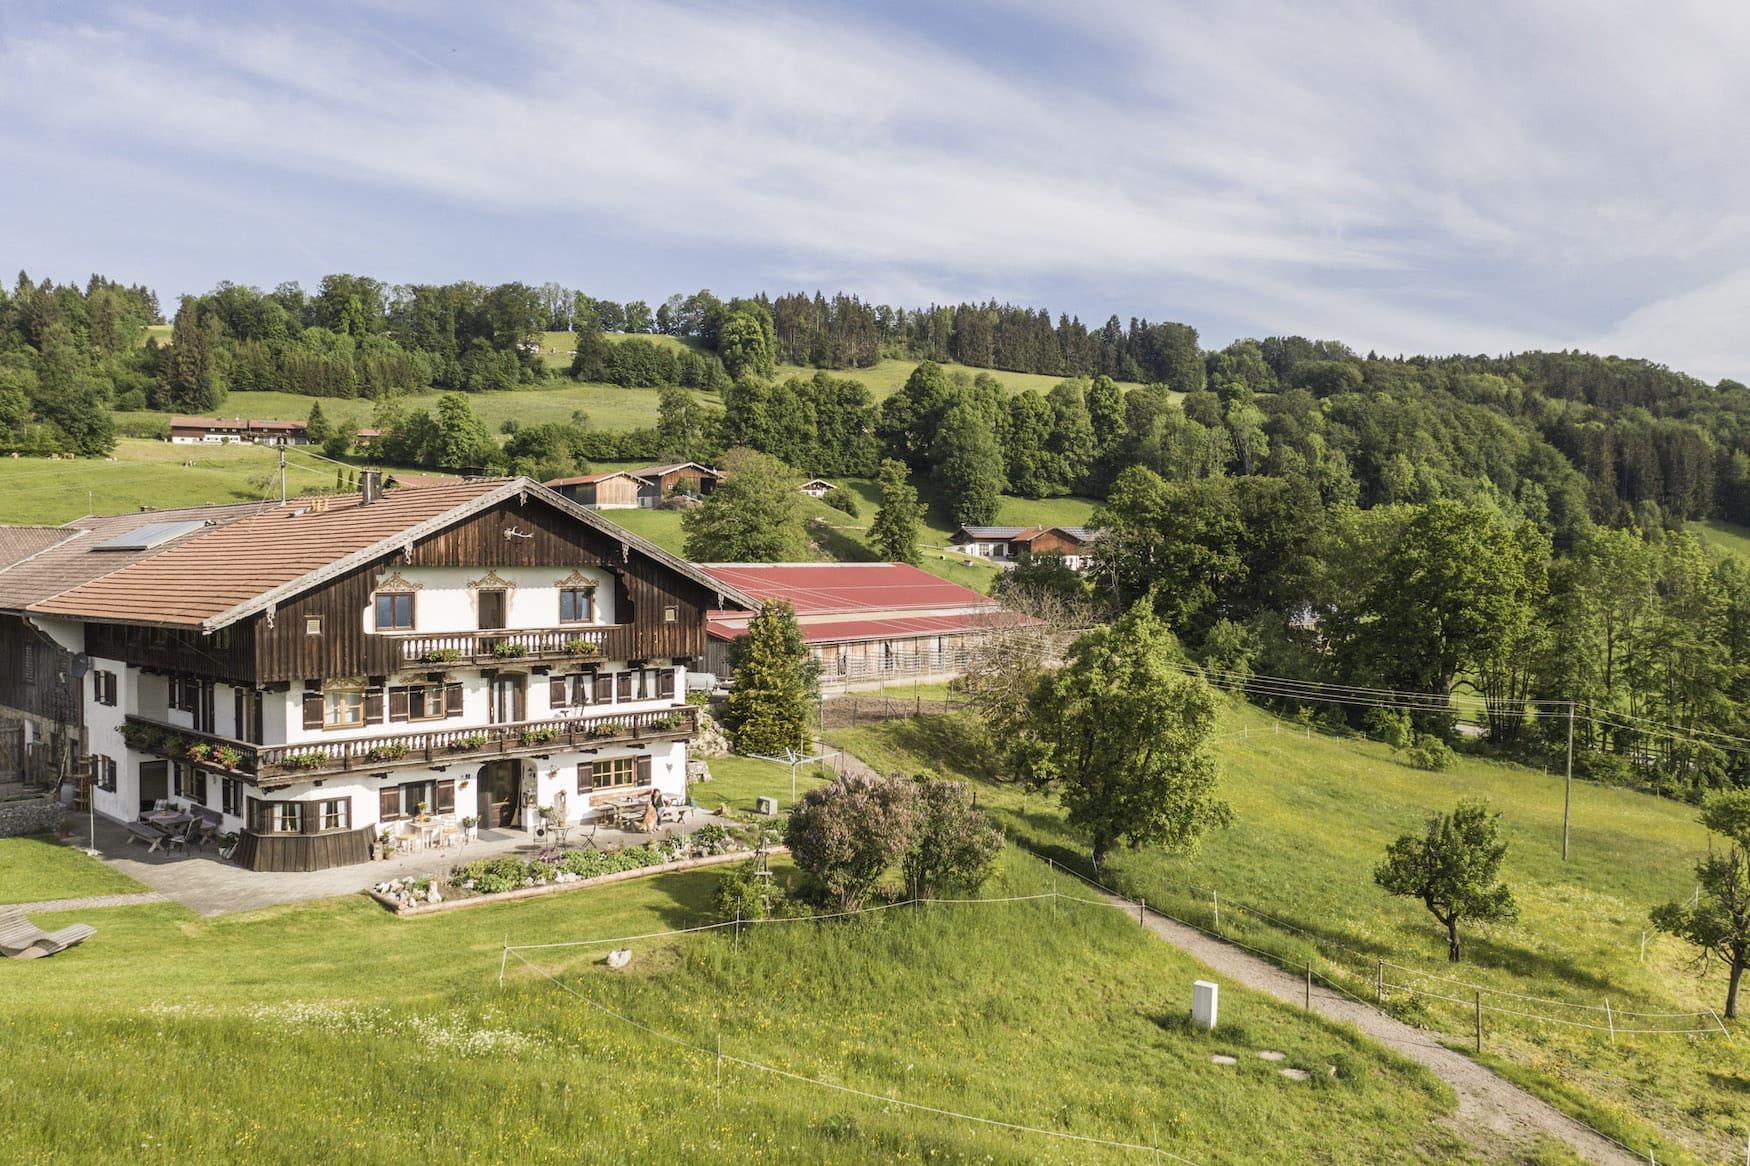 Reiterurlaub in Bayern auf dem Hof Rossruck